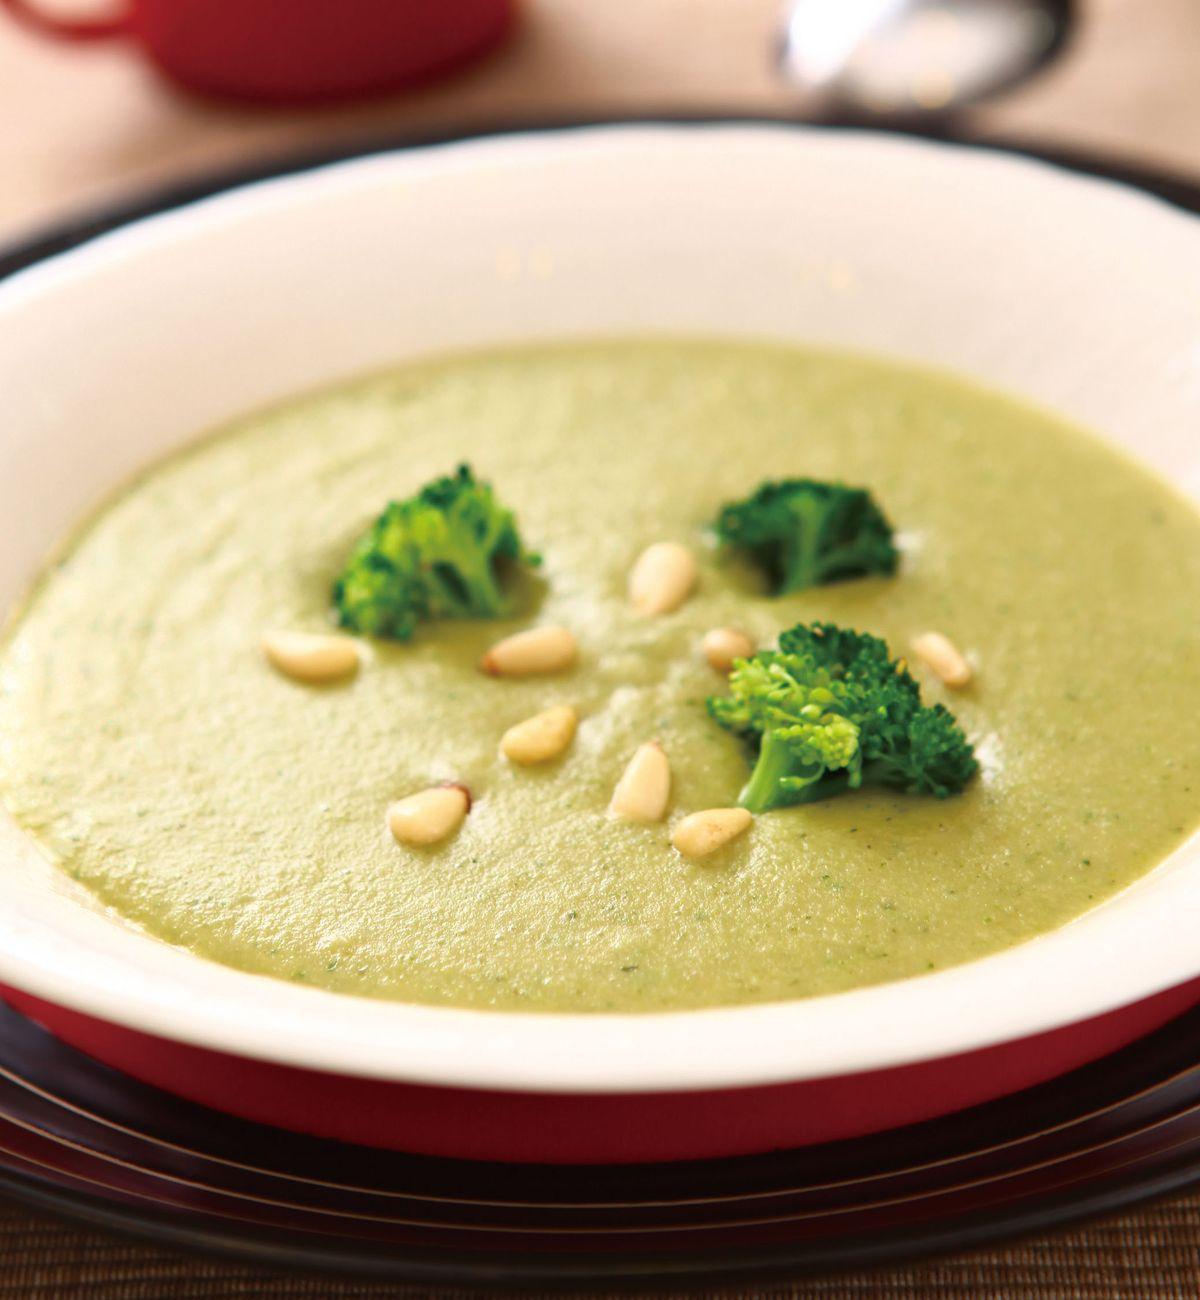 食譜:綠花椰菜濃湯